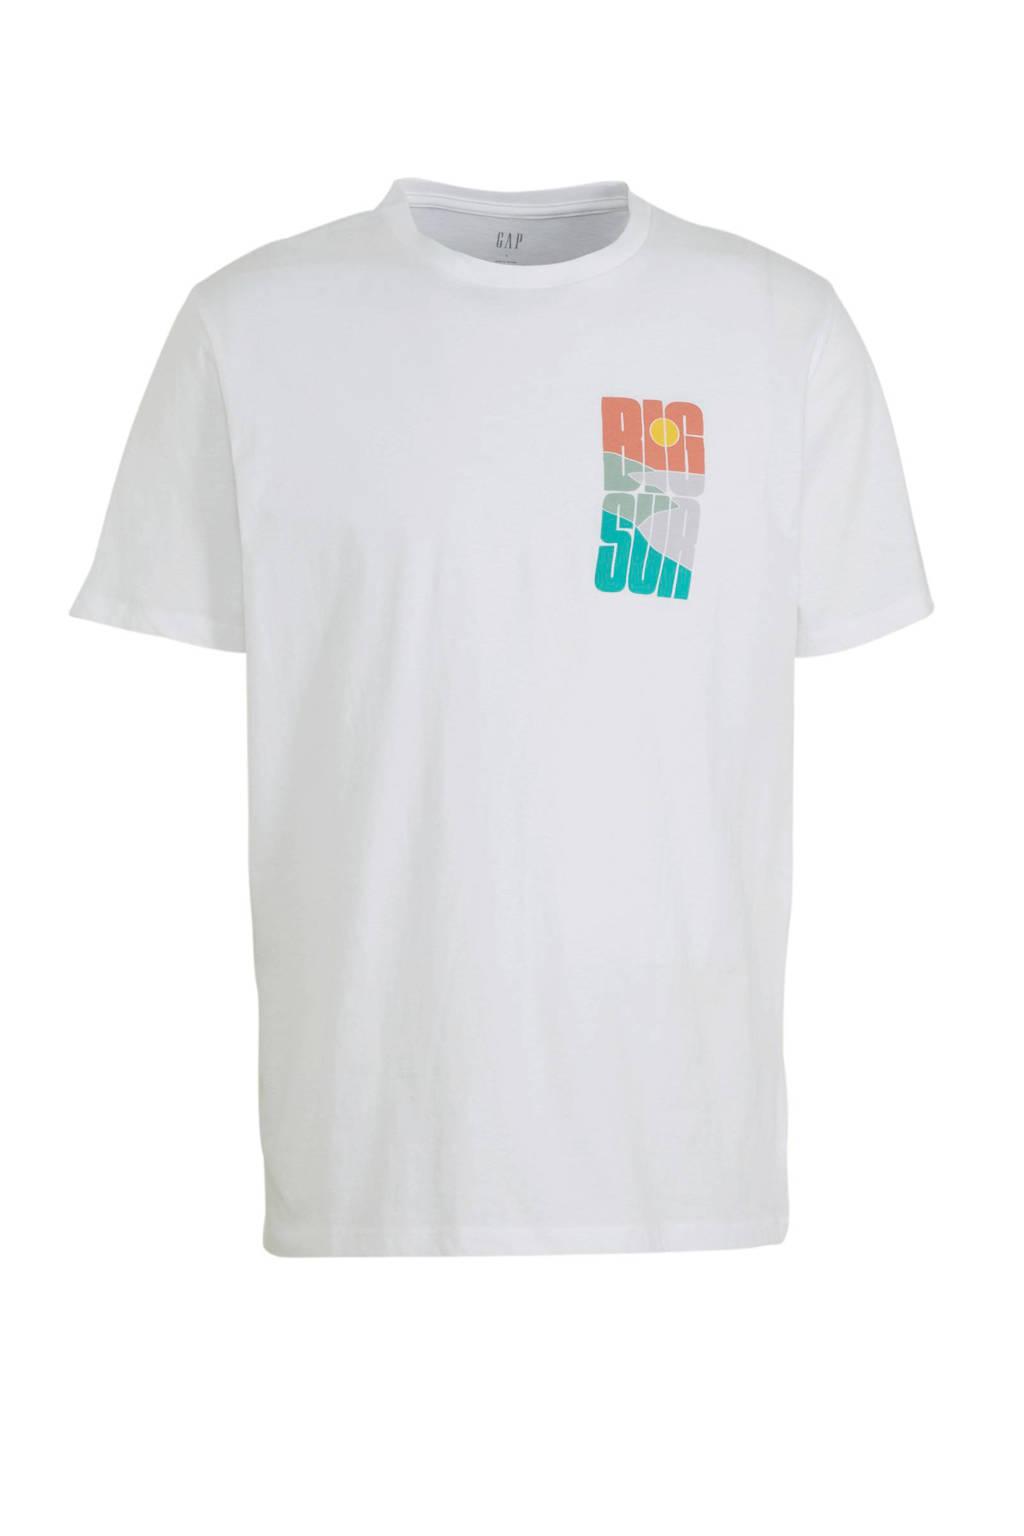 GAP T-shirt met printopdruk wit/blauw/oranje, Wit/blauw/oranje